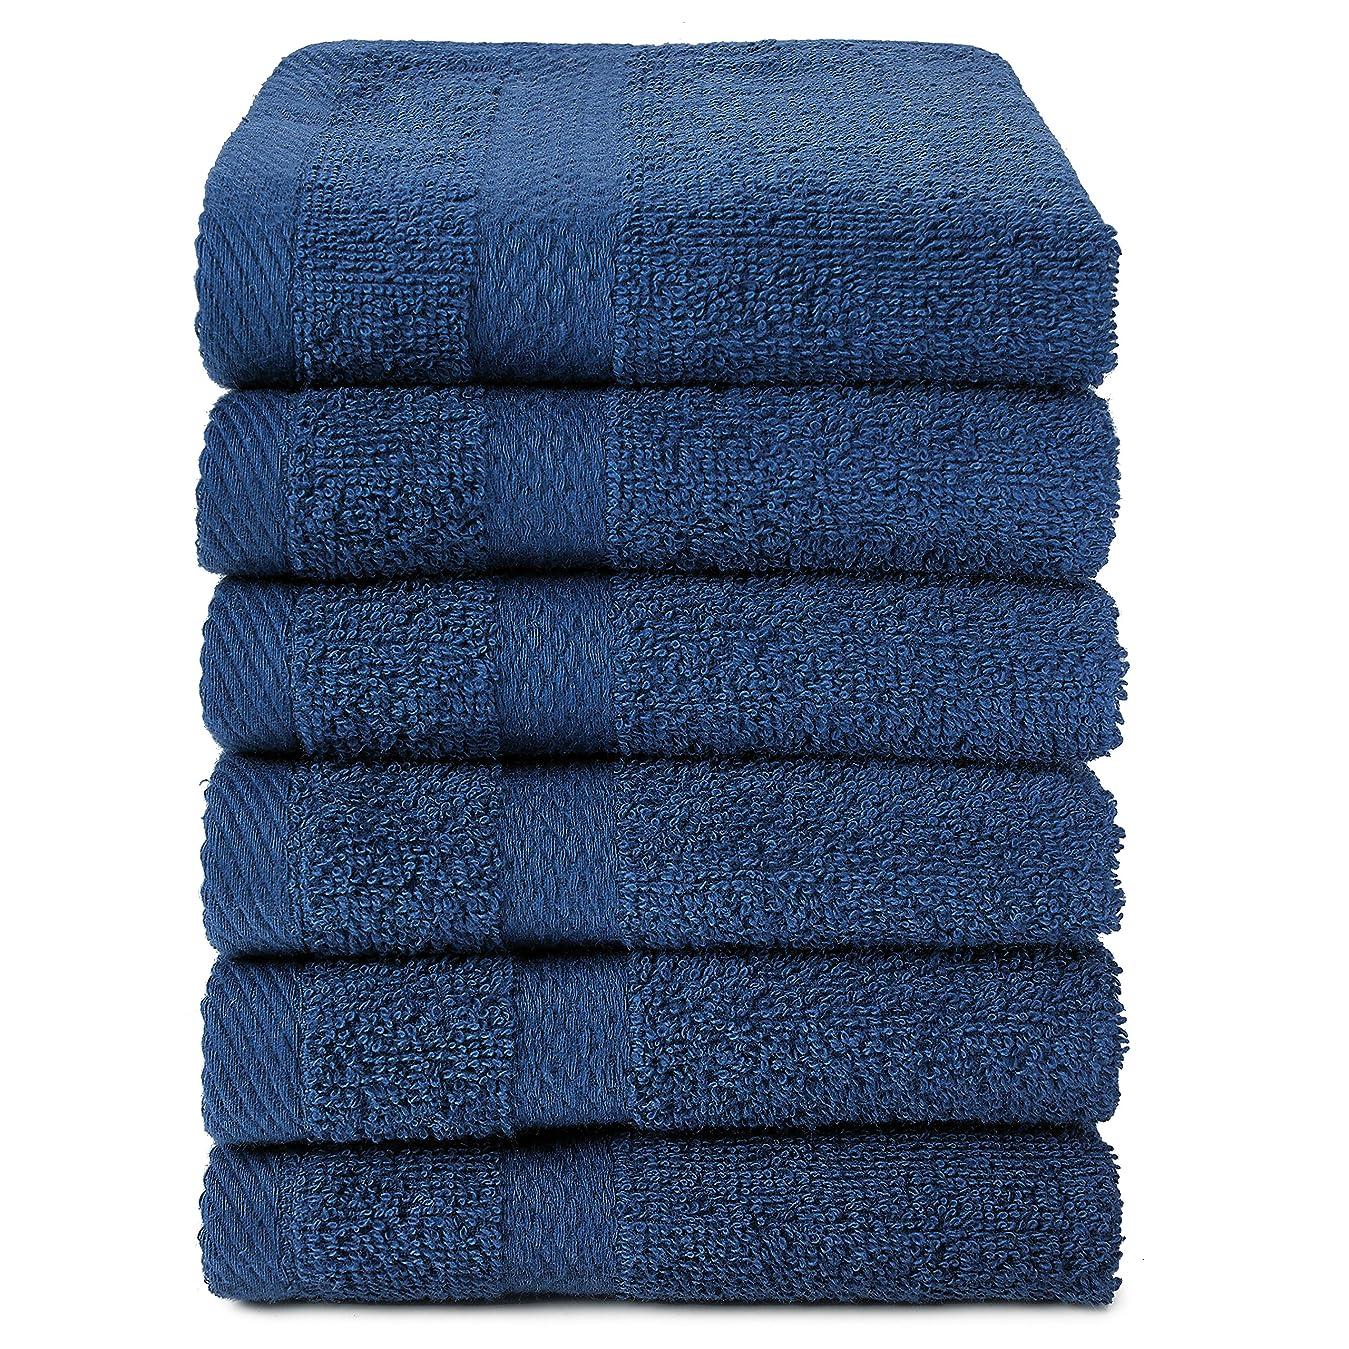 千第囲むRoyal Ocean 100?%コットンextra-absorbentテリーWashcloths、12のセット ブルー O-TS-W1313-12-N